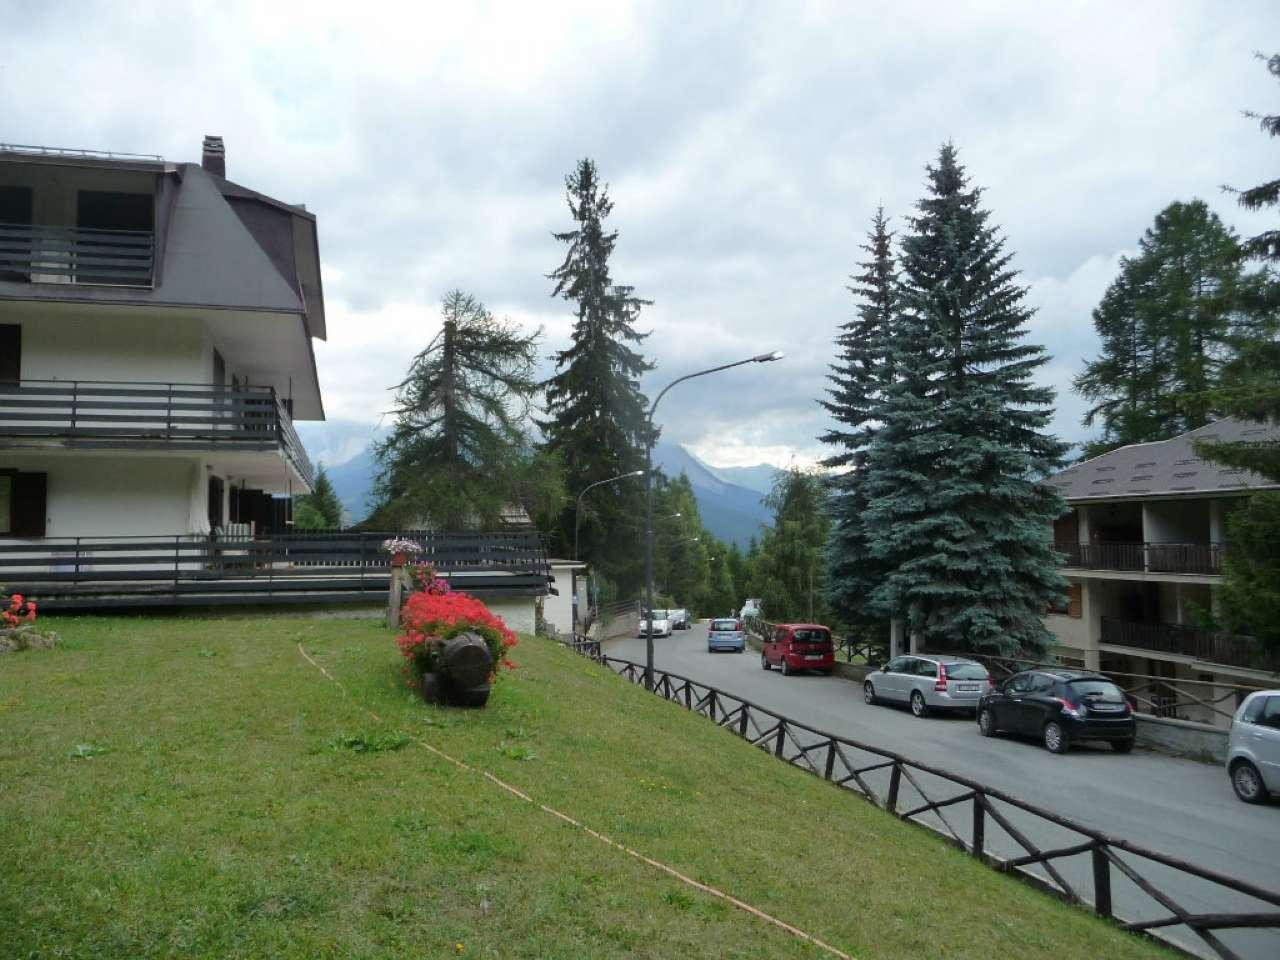 Appartamento in vendita a Sauze d'Oulx, 2 locali, prezzo € 130.000 | CambioCasa.it